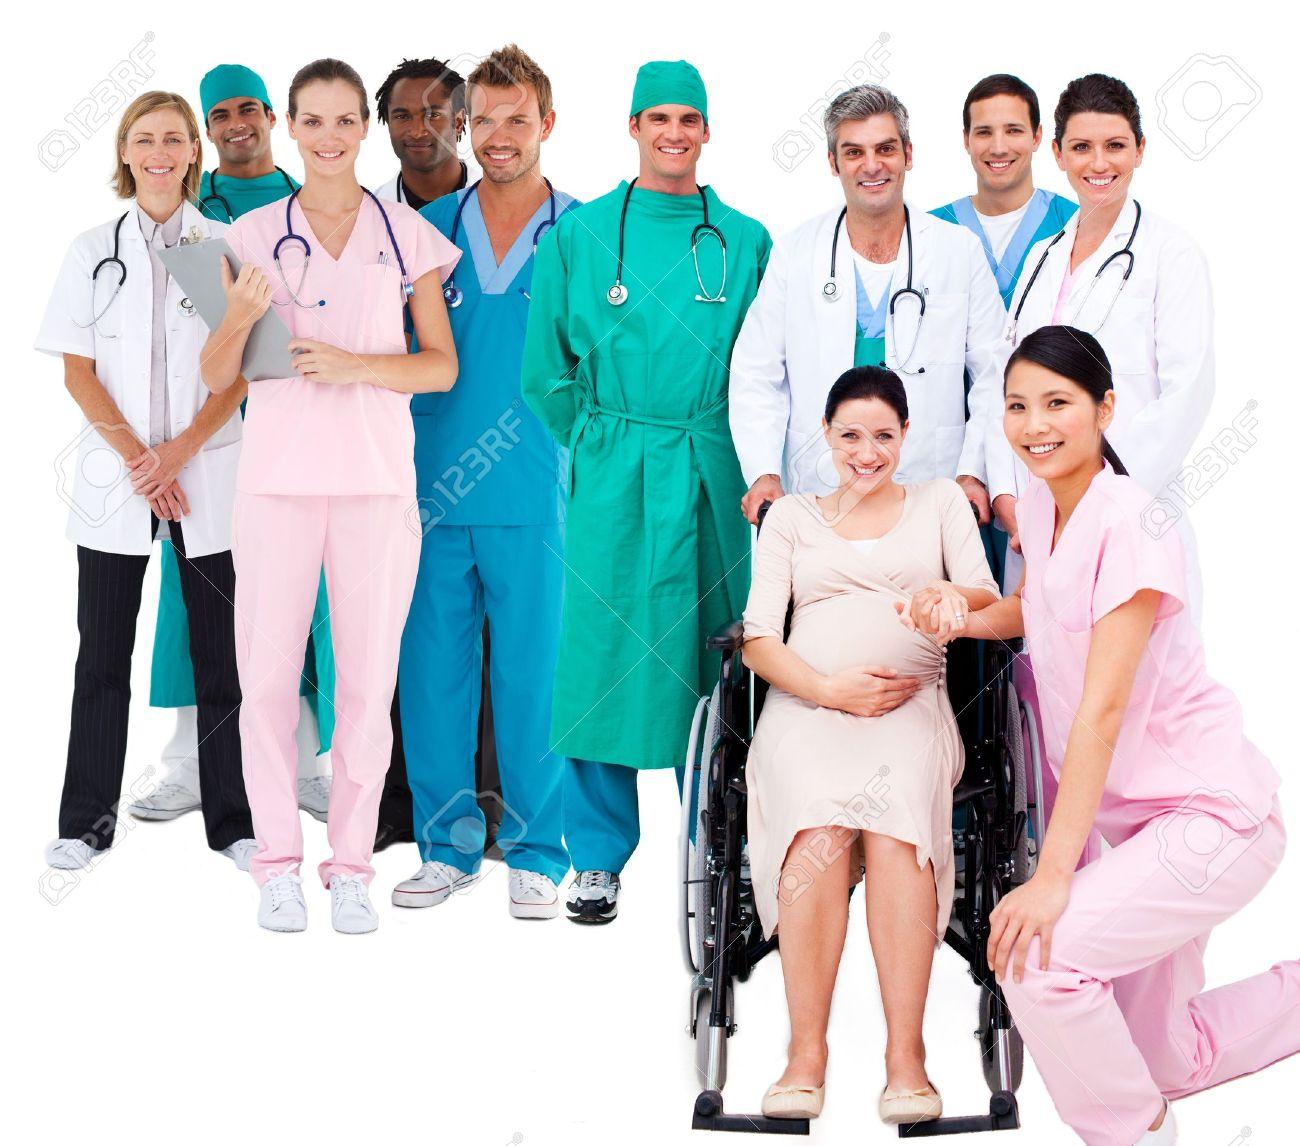 Nurse personals